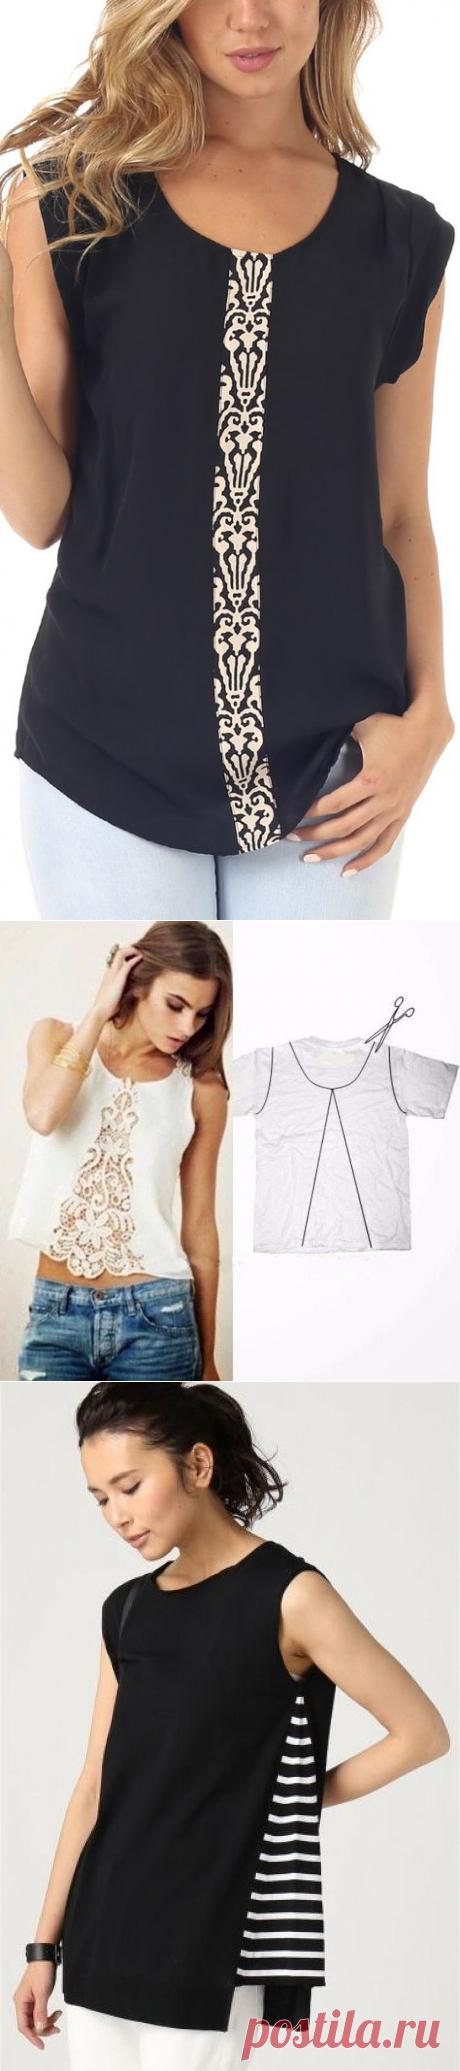 Идеи переделок: как расшить одежду — Сделай сам, идеи для творчества - DIY Ideas